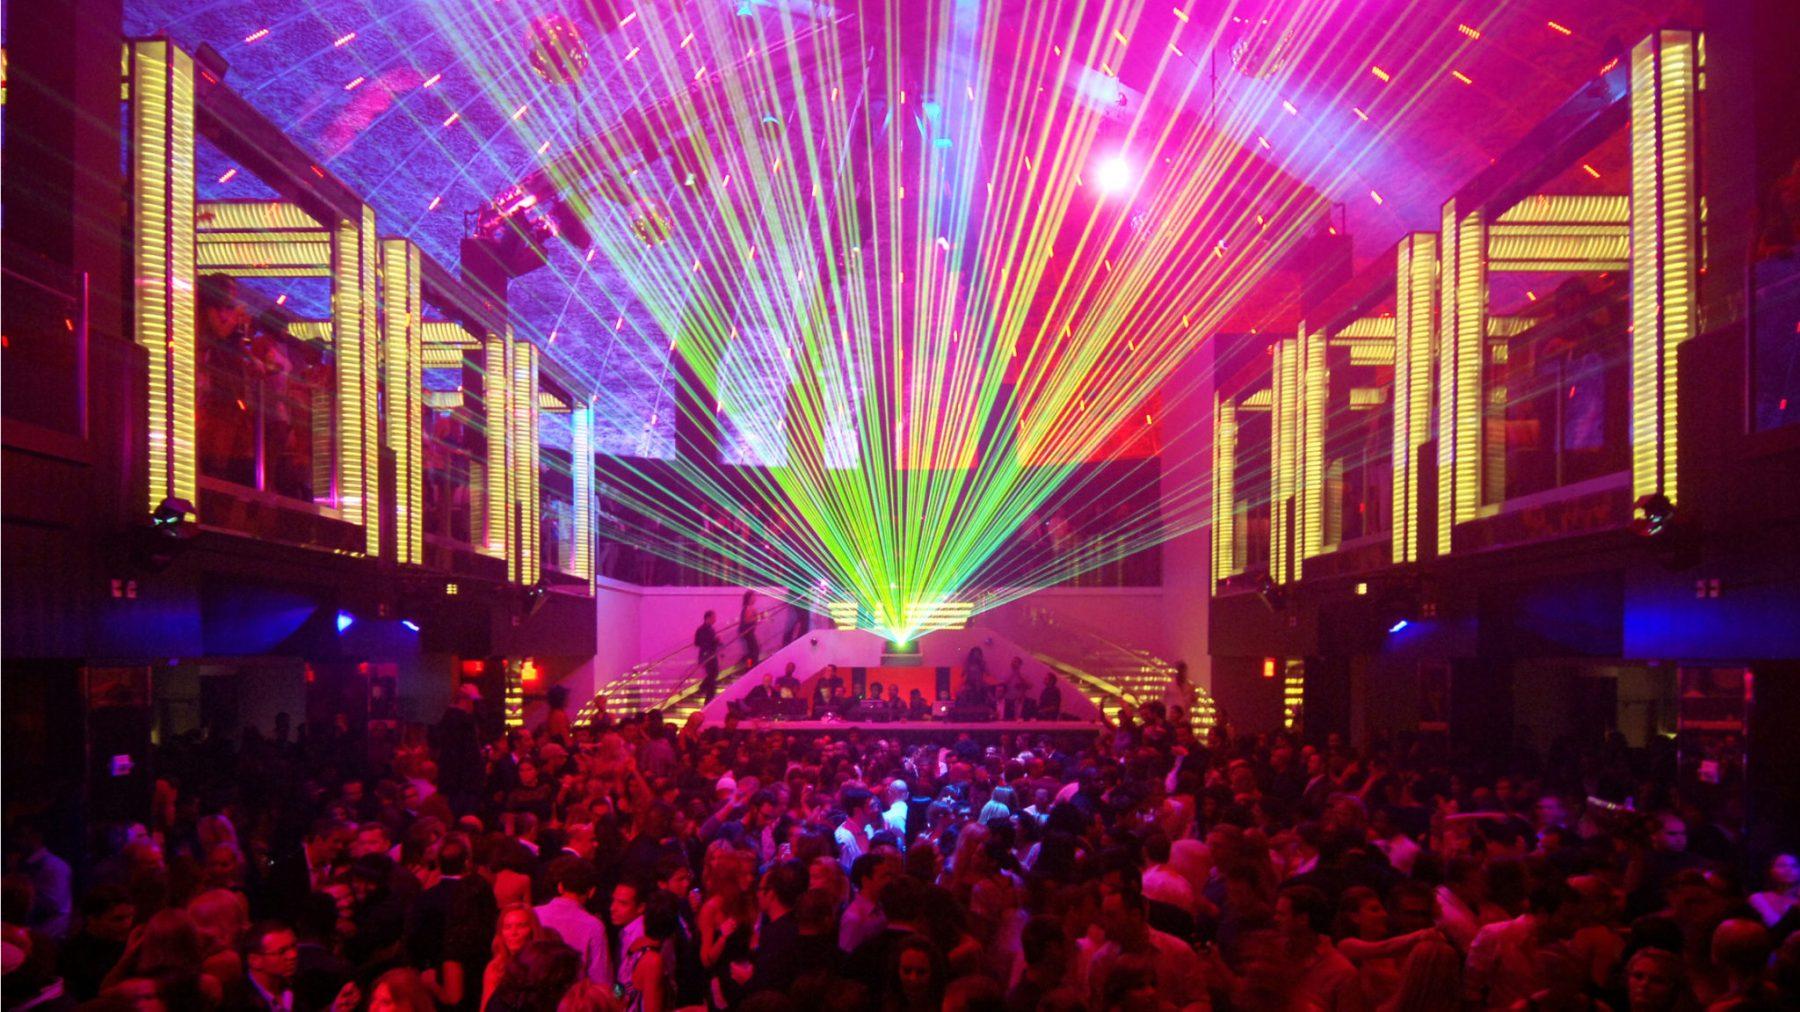 moins de 21 ans club space boite de nuit discothèque ladies night sortir en famille a miami sorties a miami pour les moins de 21 ans mineurs blog miami off road visites de miami en francais voyage floride